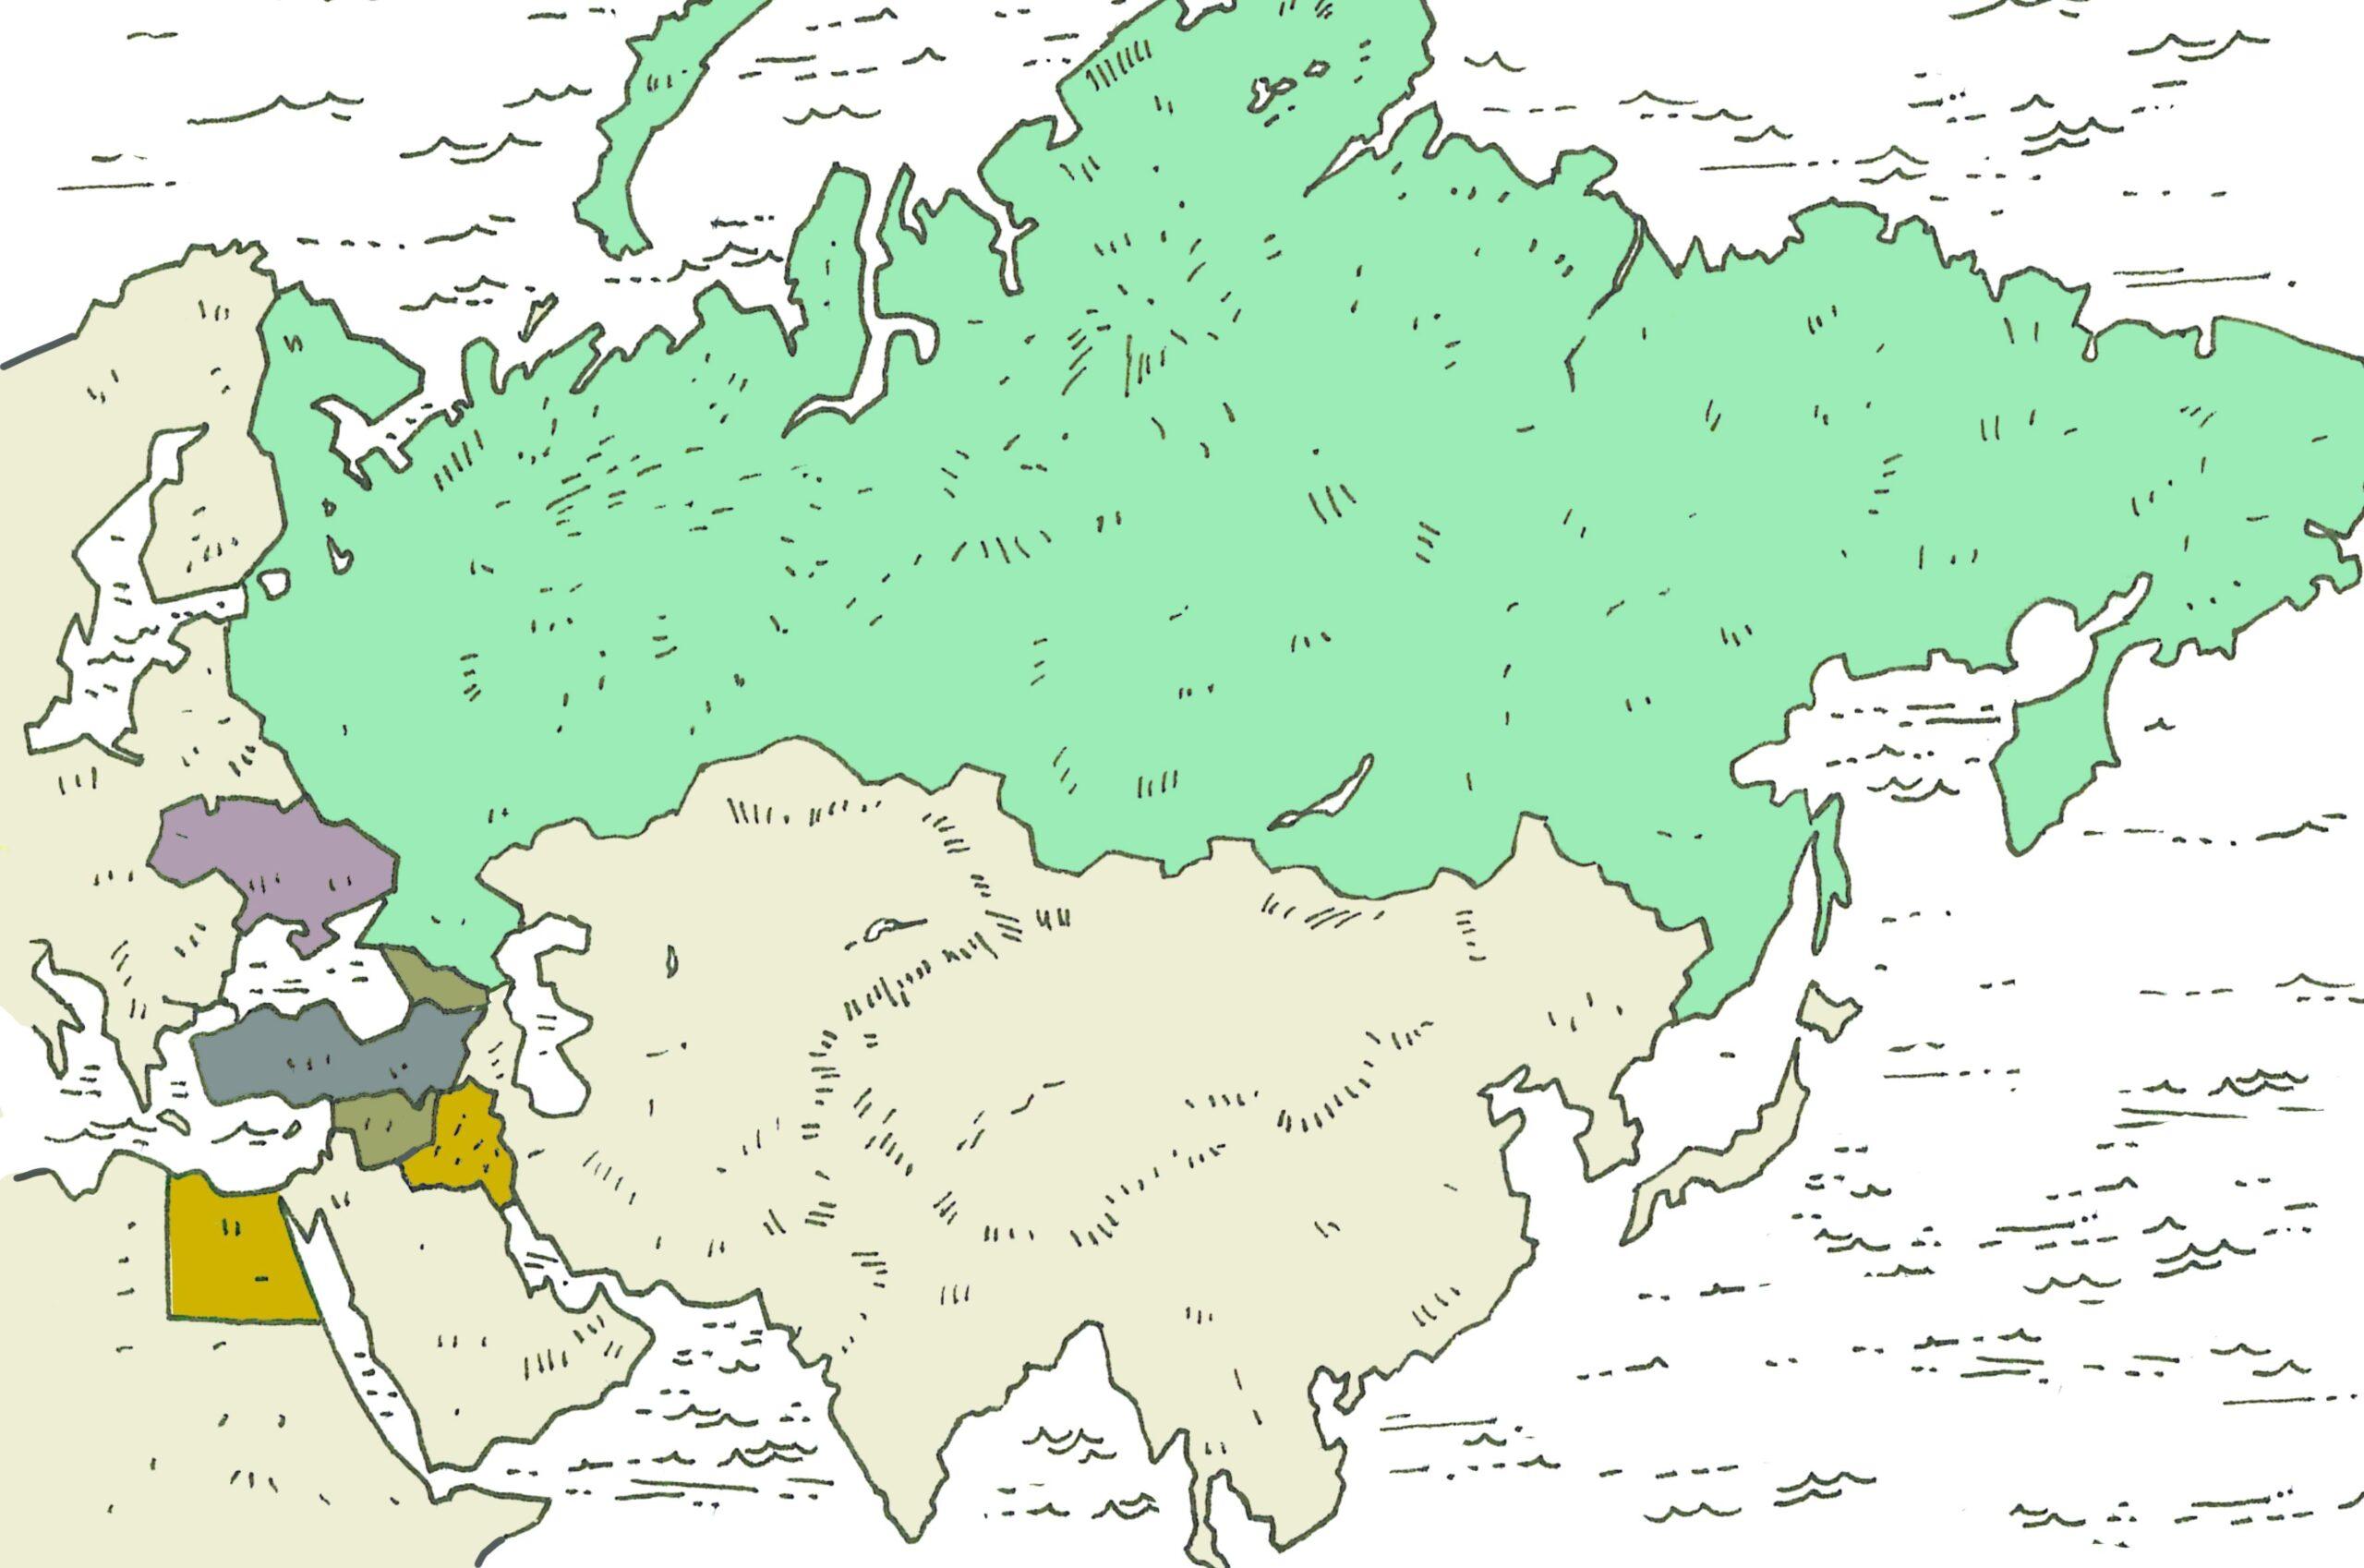 karta 2 scaled - <b>Анна та Юсуф.</b> Як в Україні та Польщі діють схожі методи фабрикації релігійного тероризму — і чому це небезпечно - Заборона